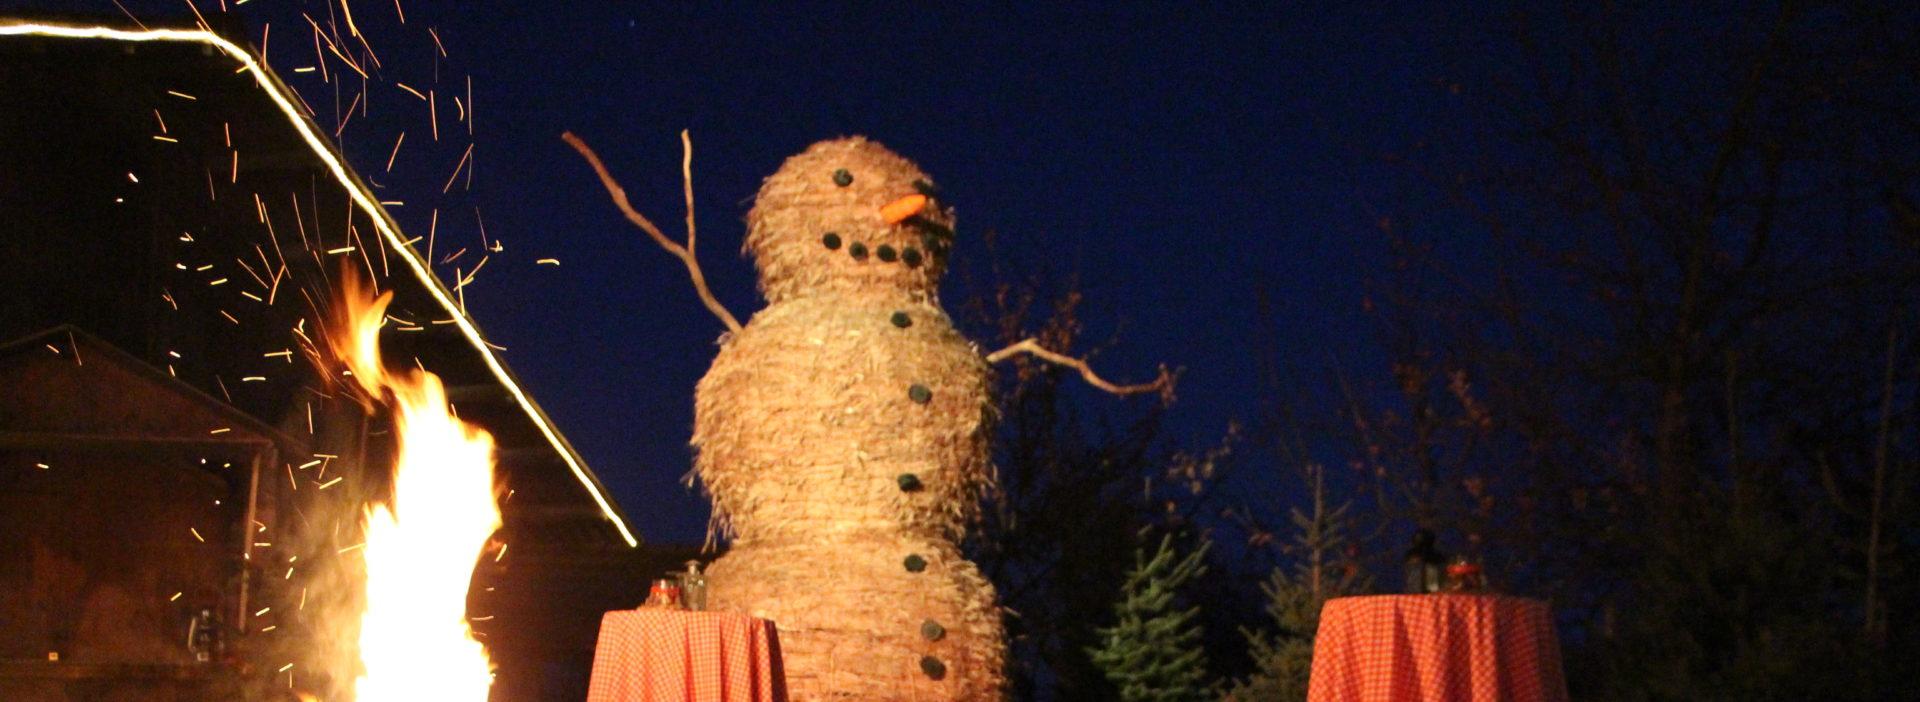 Juckerhof Hofplatz Weihnachten Schneemann